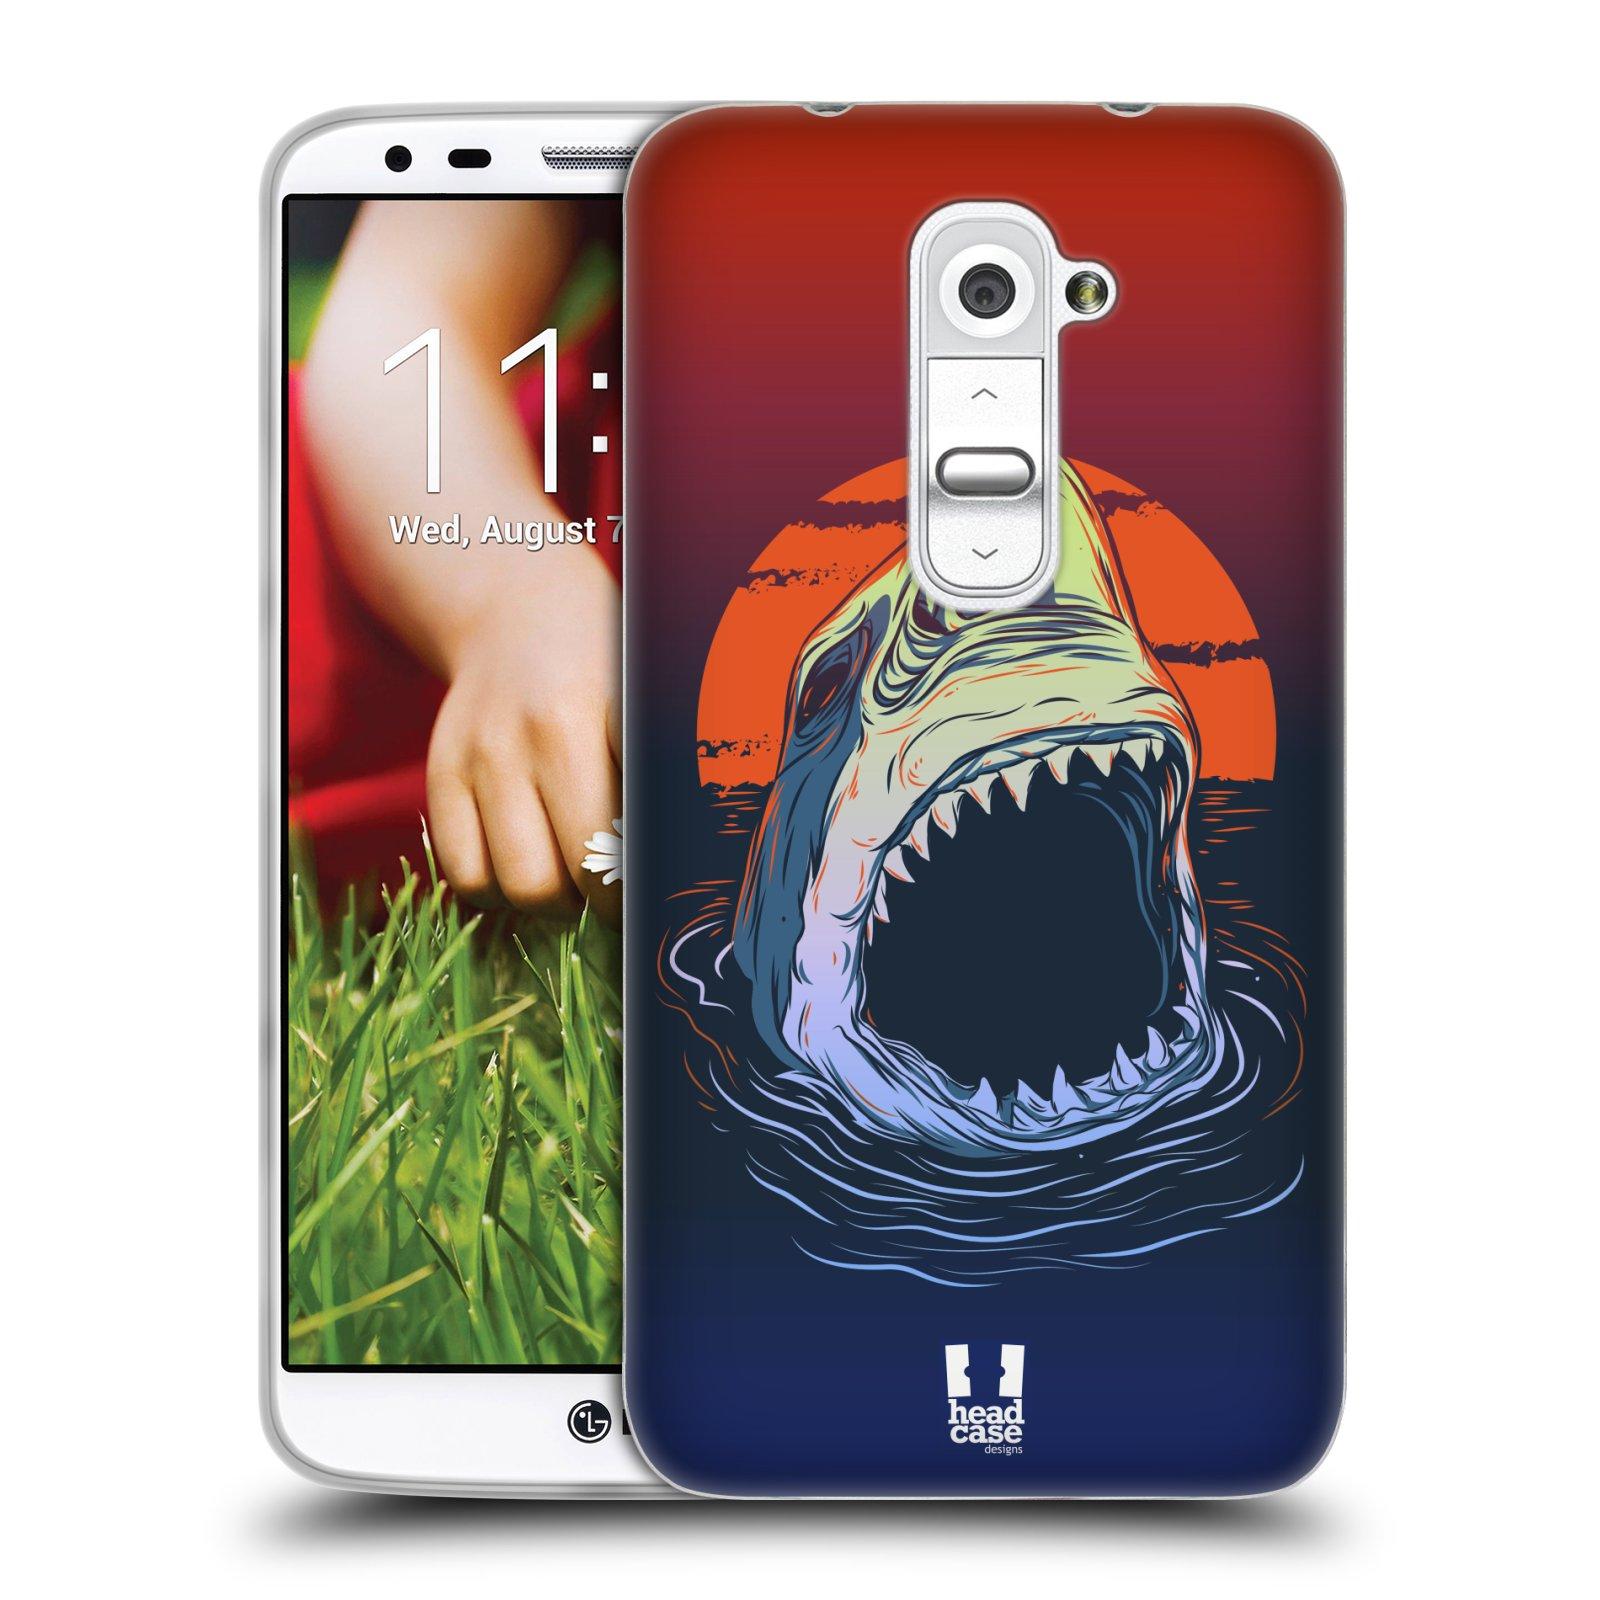 HEAD CASE silikonový obal na mobil LG G2 vzor mořská monstra žralok